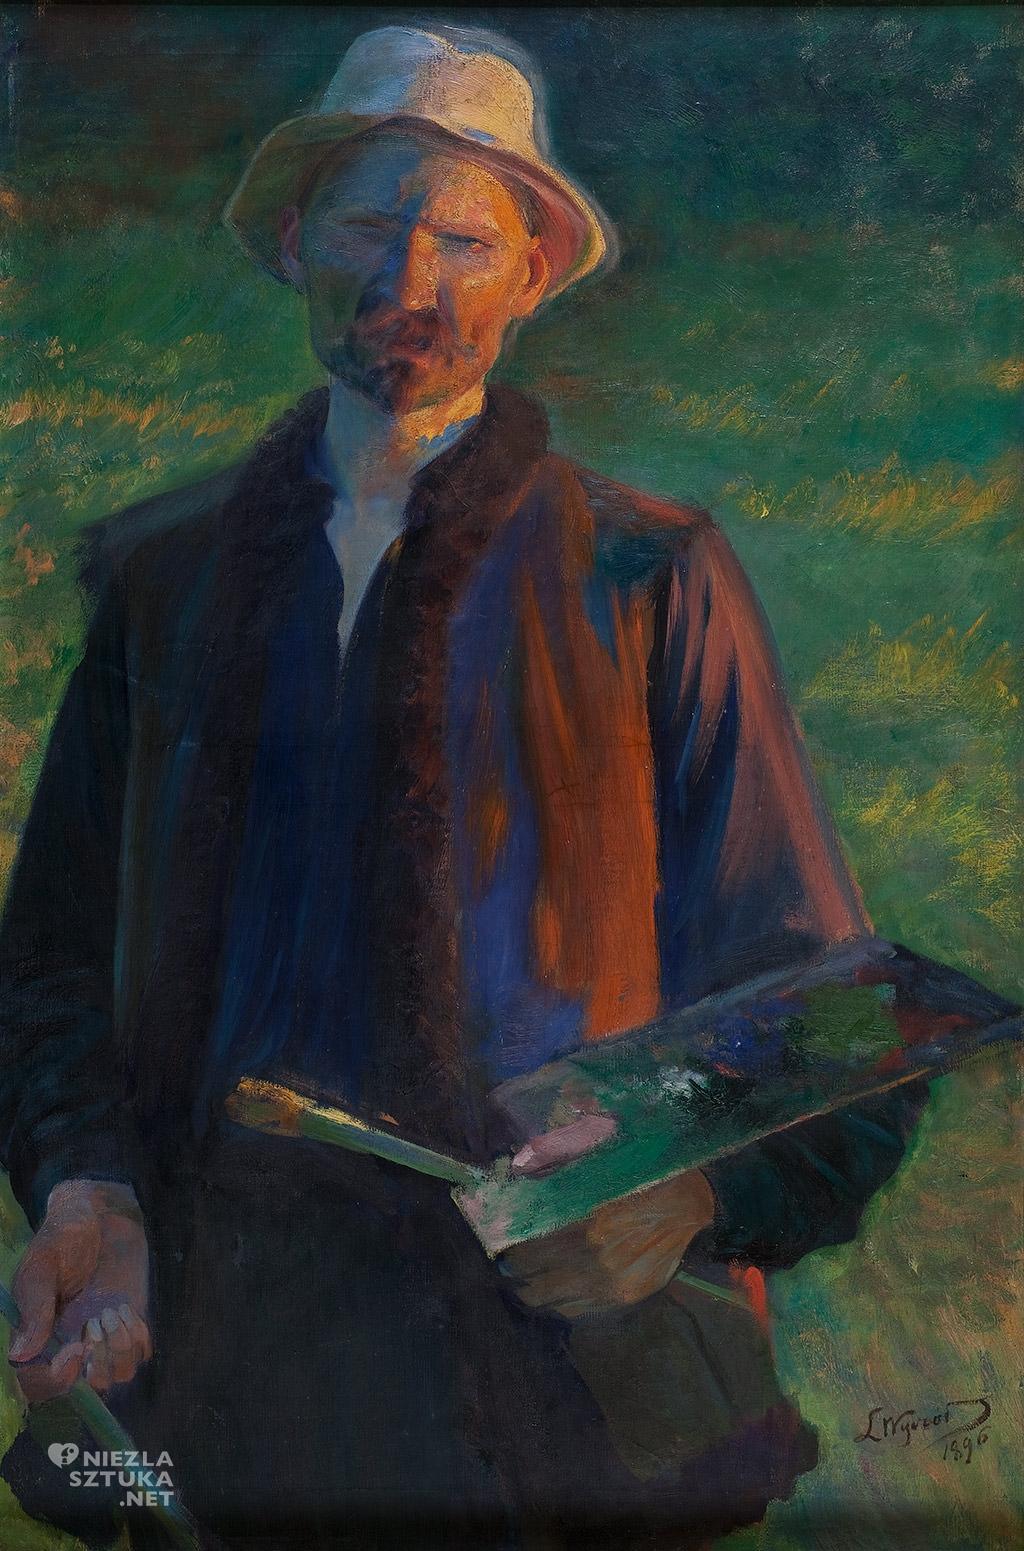 Leon Wyczółkowski, Autoportret z paletą |1896, Muzeum Pałac Herbsta Muzeum Sztuki w Łodzi, malarstwo polskie, Niezła sztuka